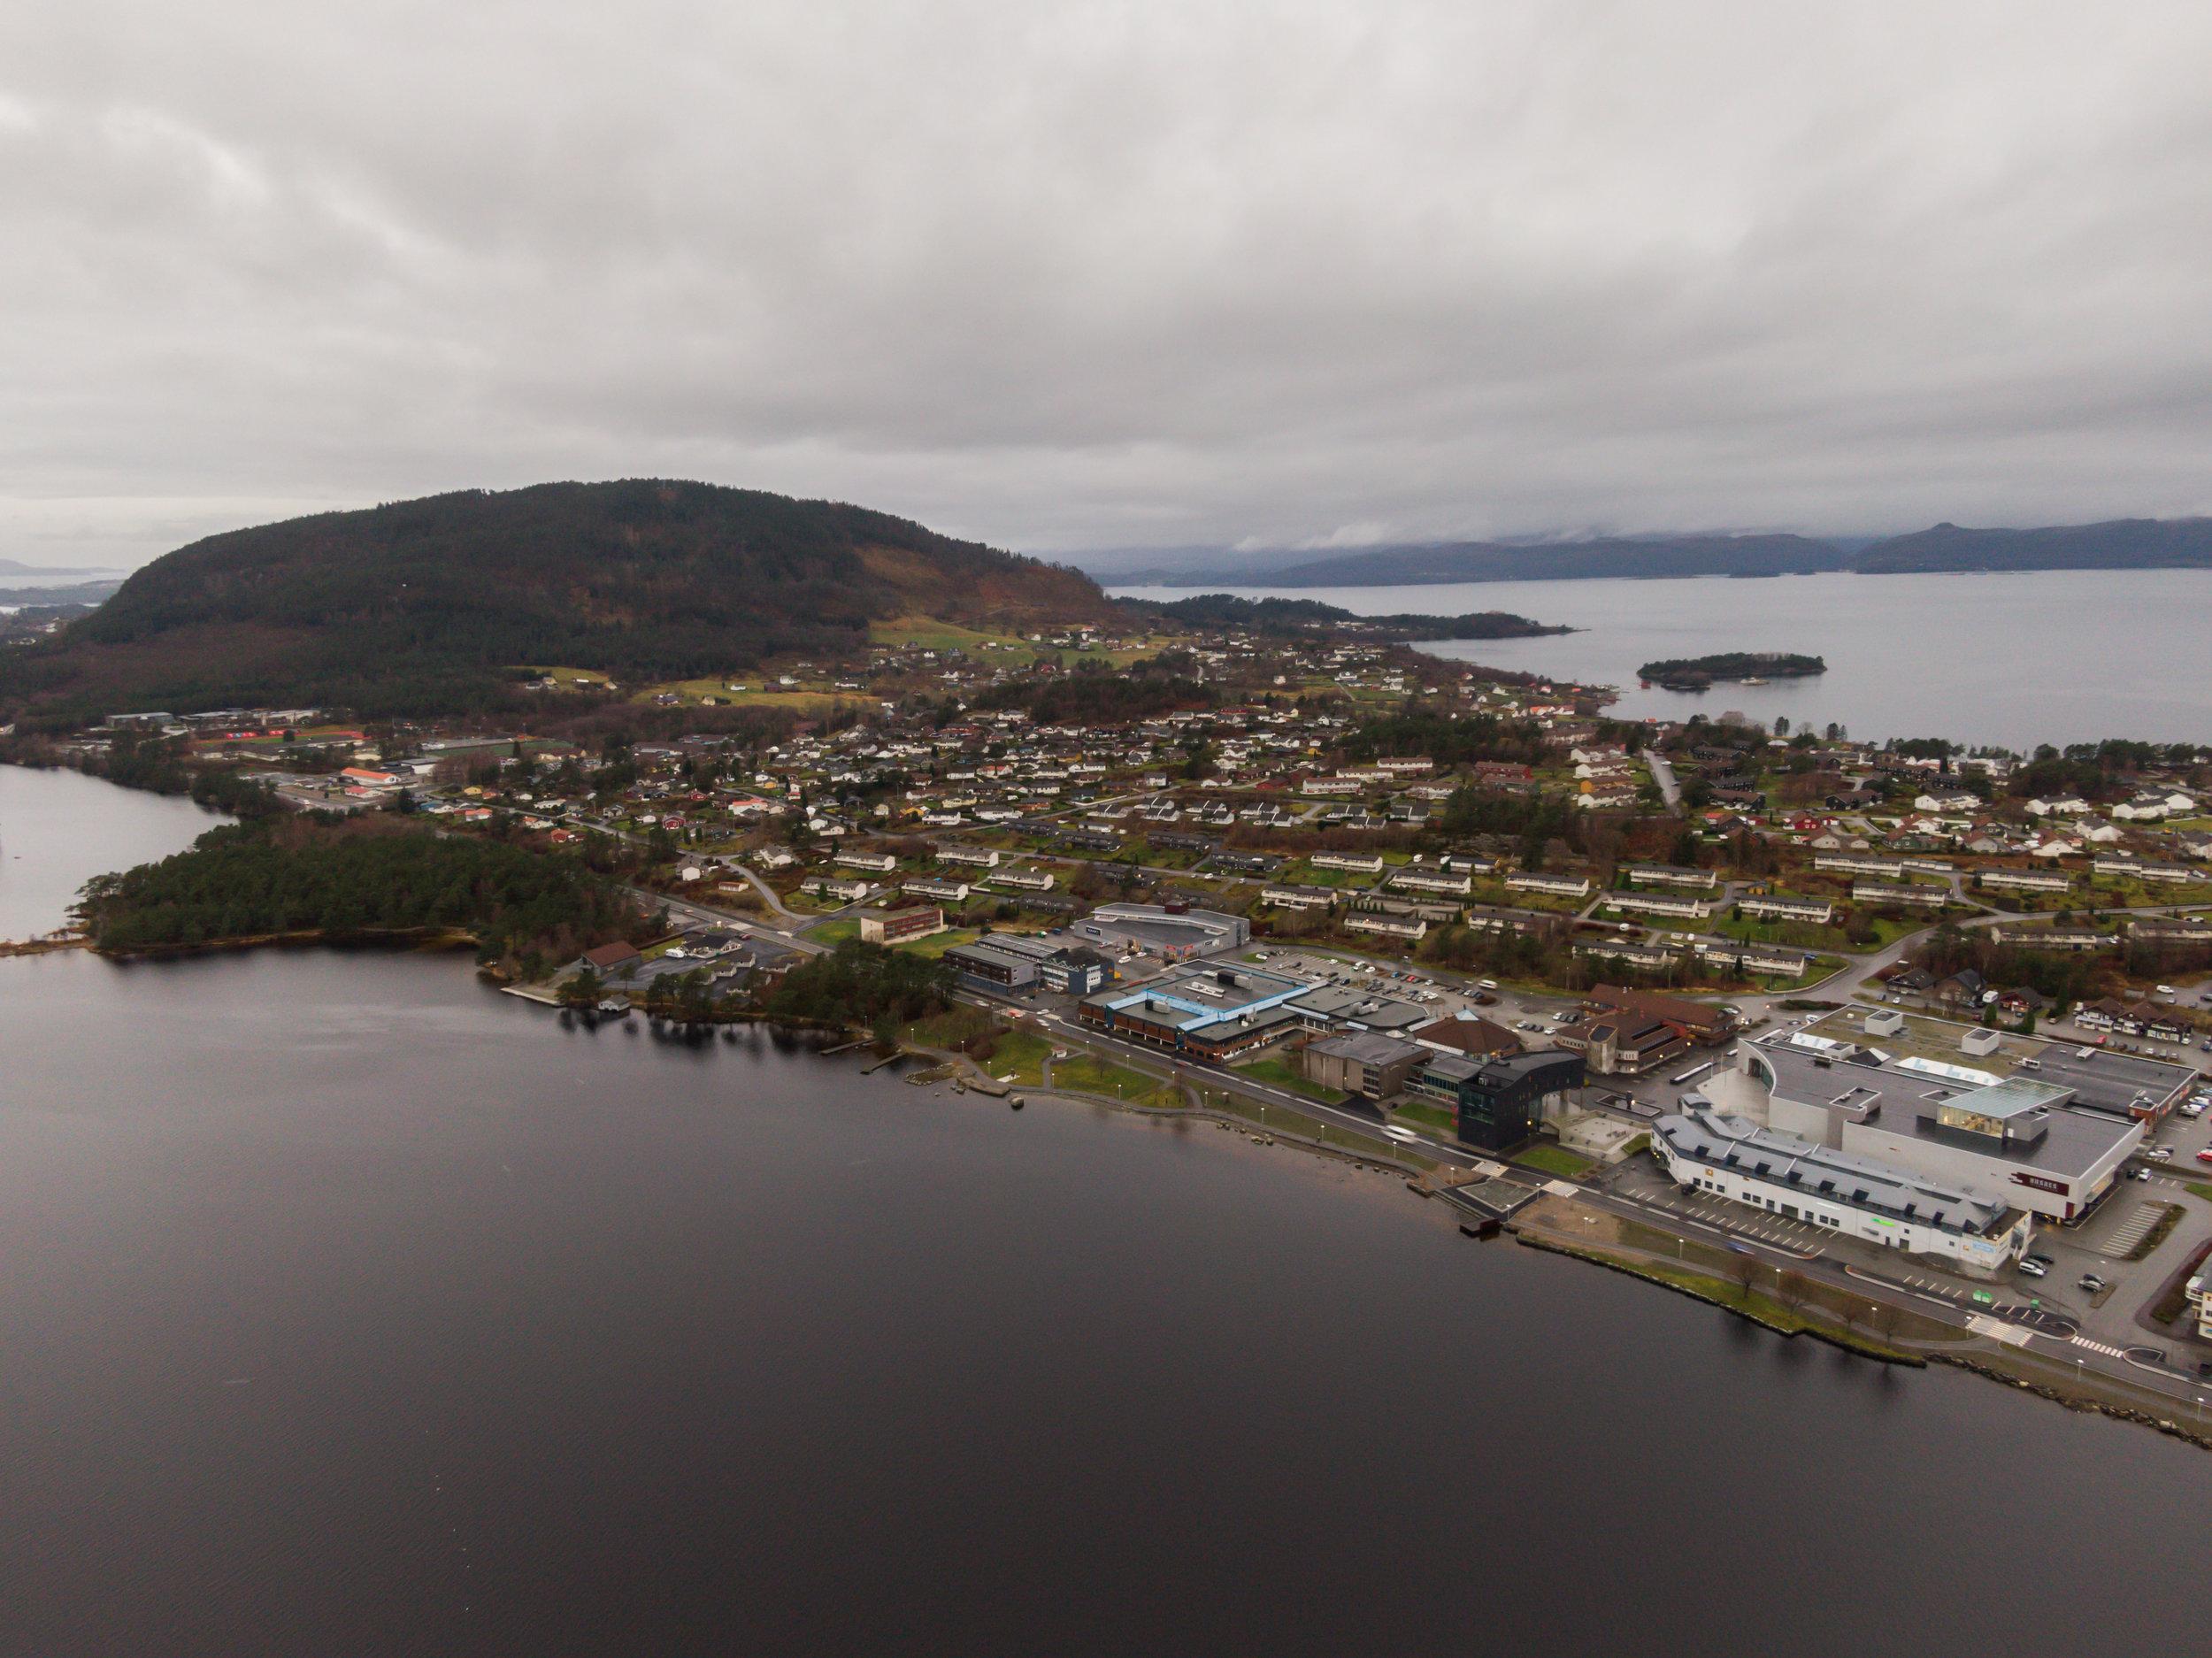 Styret i Husnes Vekst er uroa over at det etter snart fem år ikkje er lagt fram ein konkret plan over korleis regionsenteret skal utviklsast. (Foto: Daniel Morso).